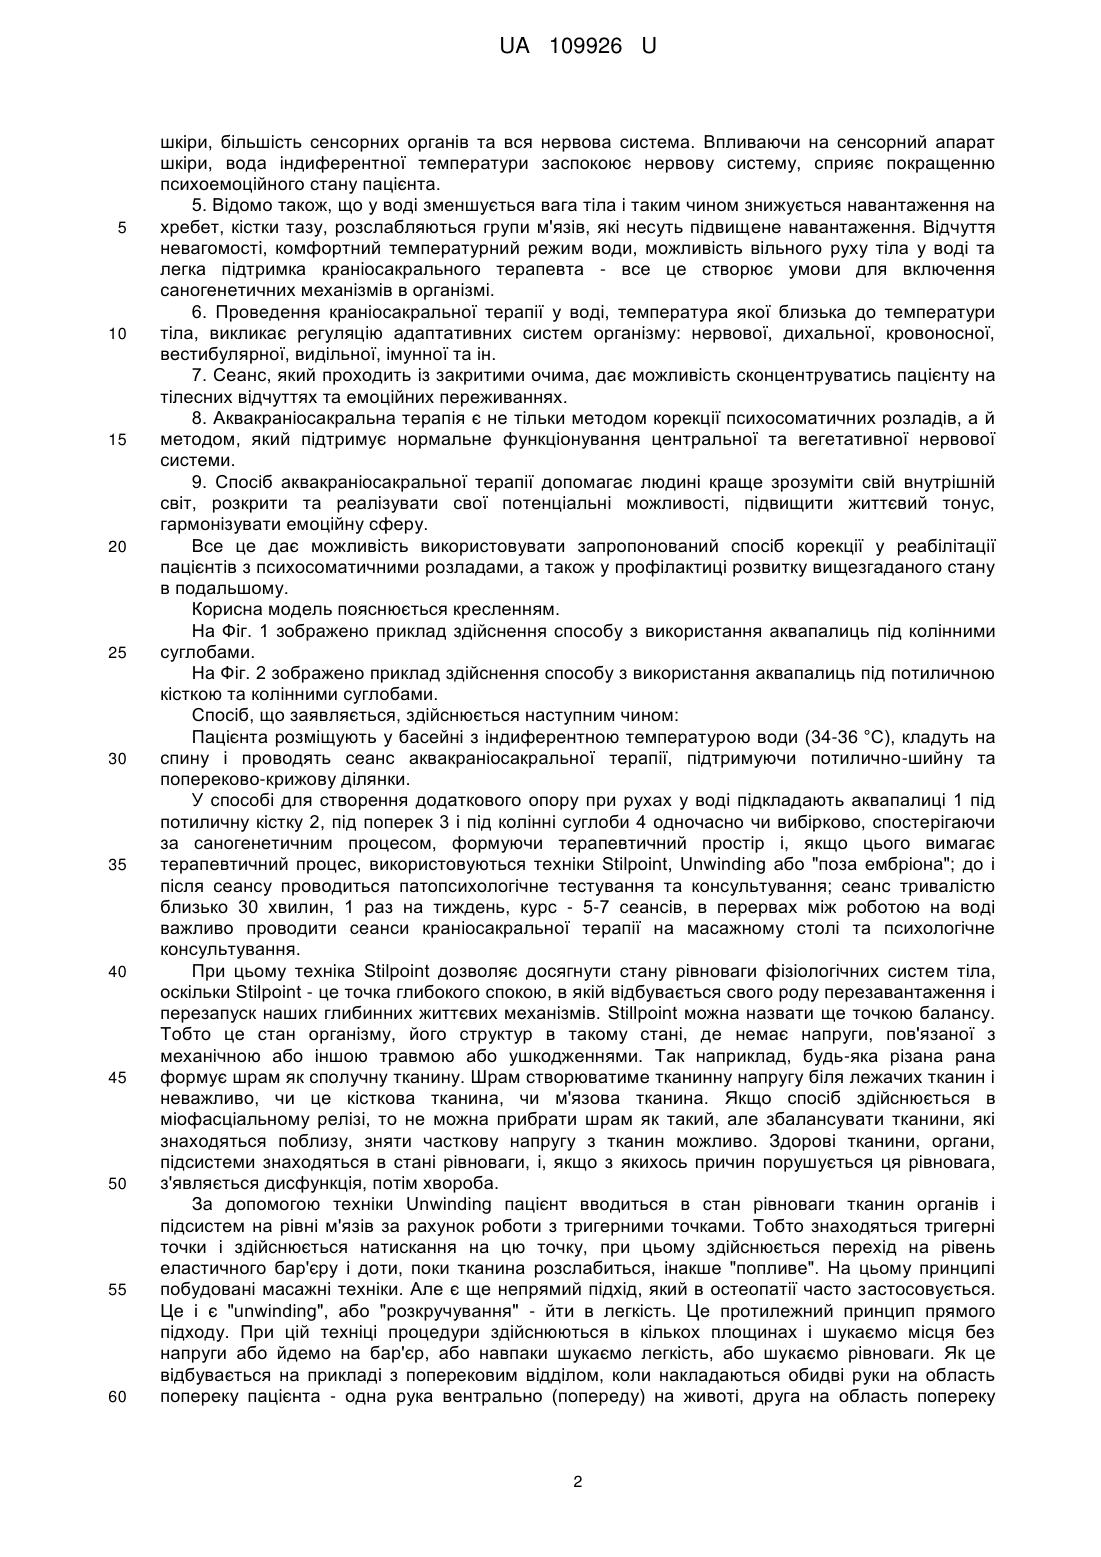 109926-sposib-korekci-psikhosomatichnikh-rozladiv-4